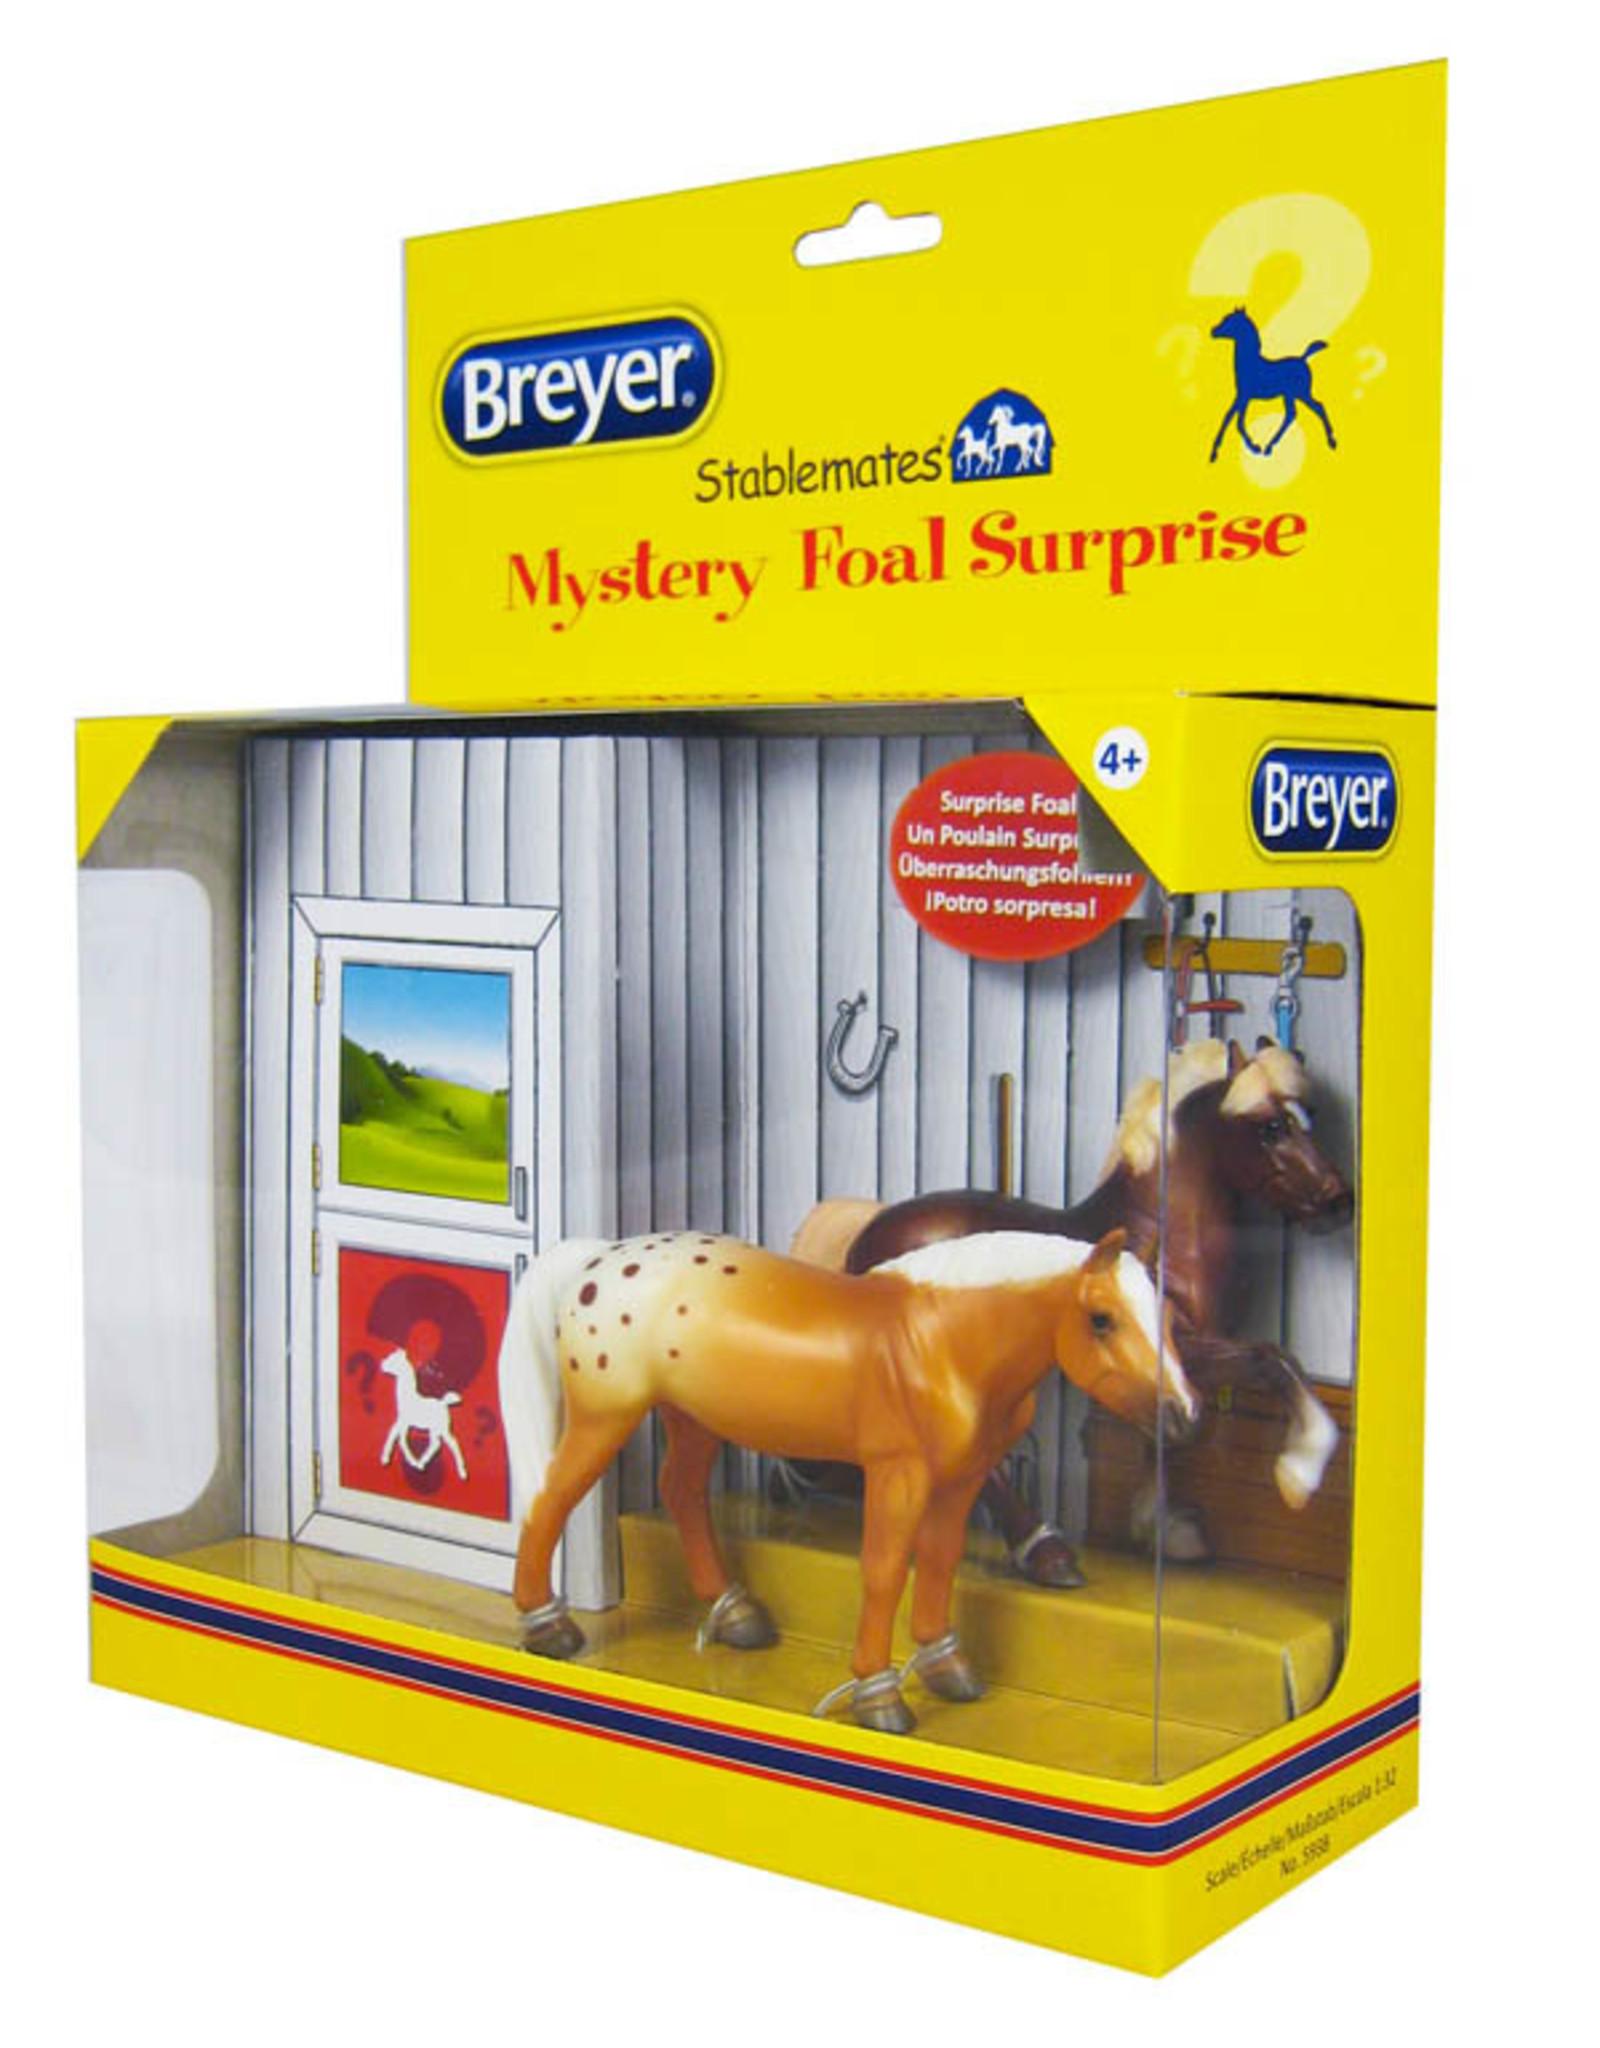 Breyer Mystery Foal Surprise